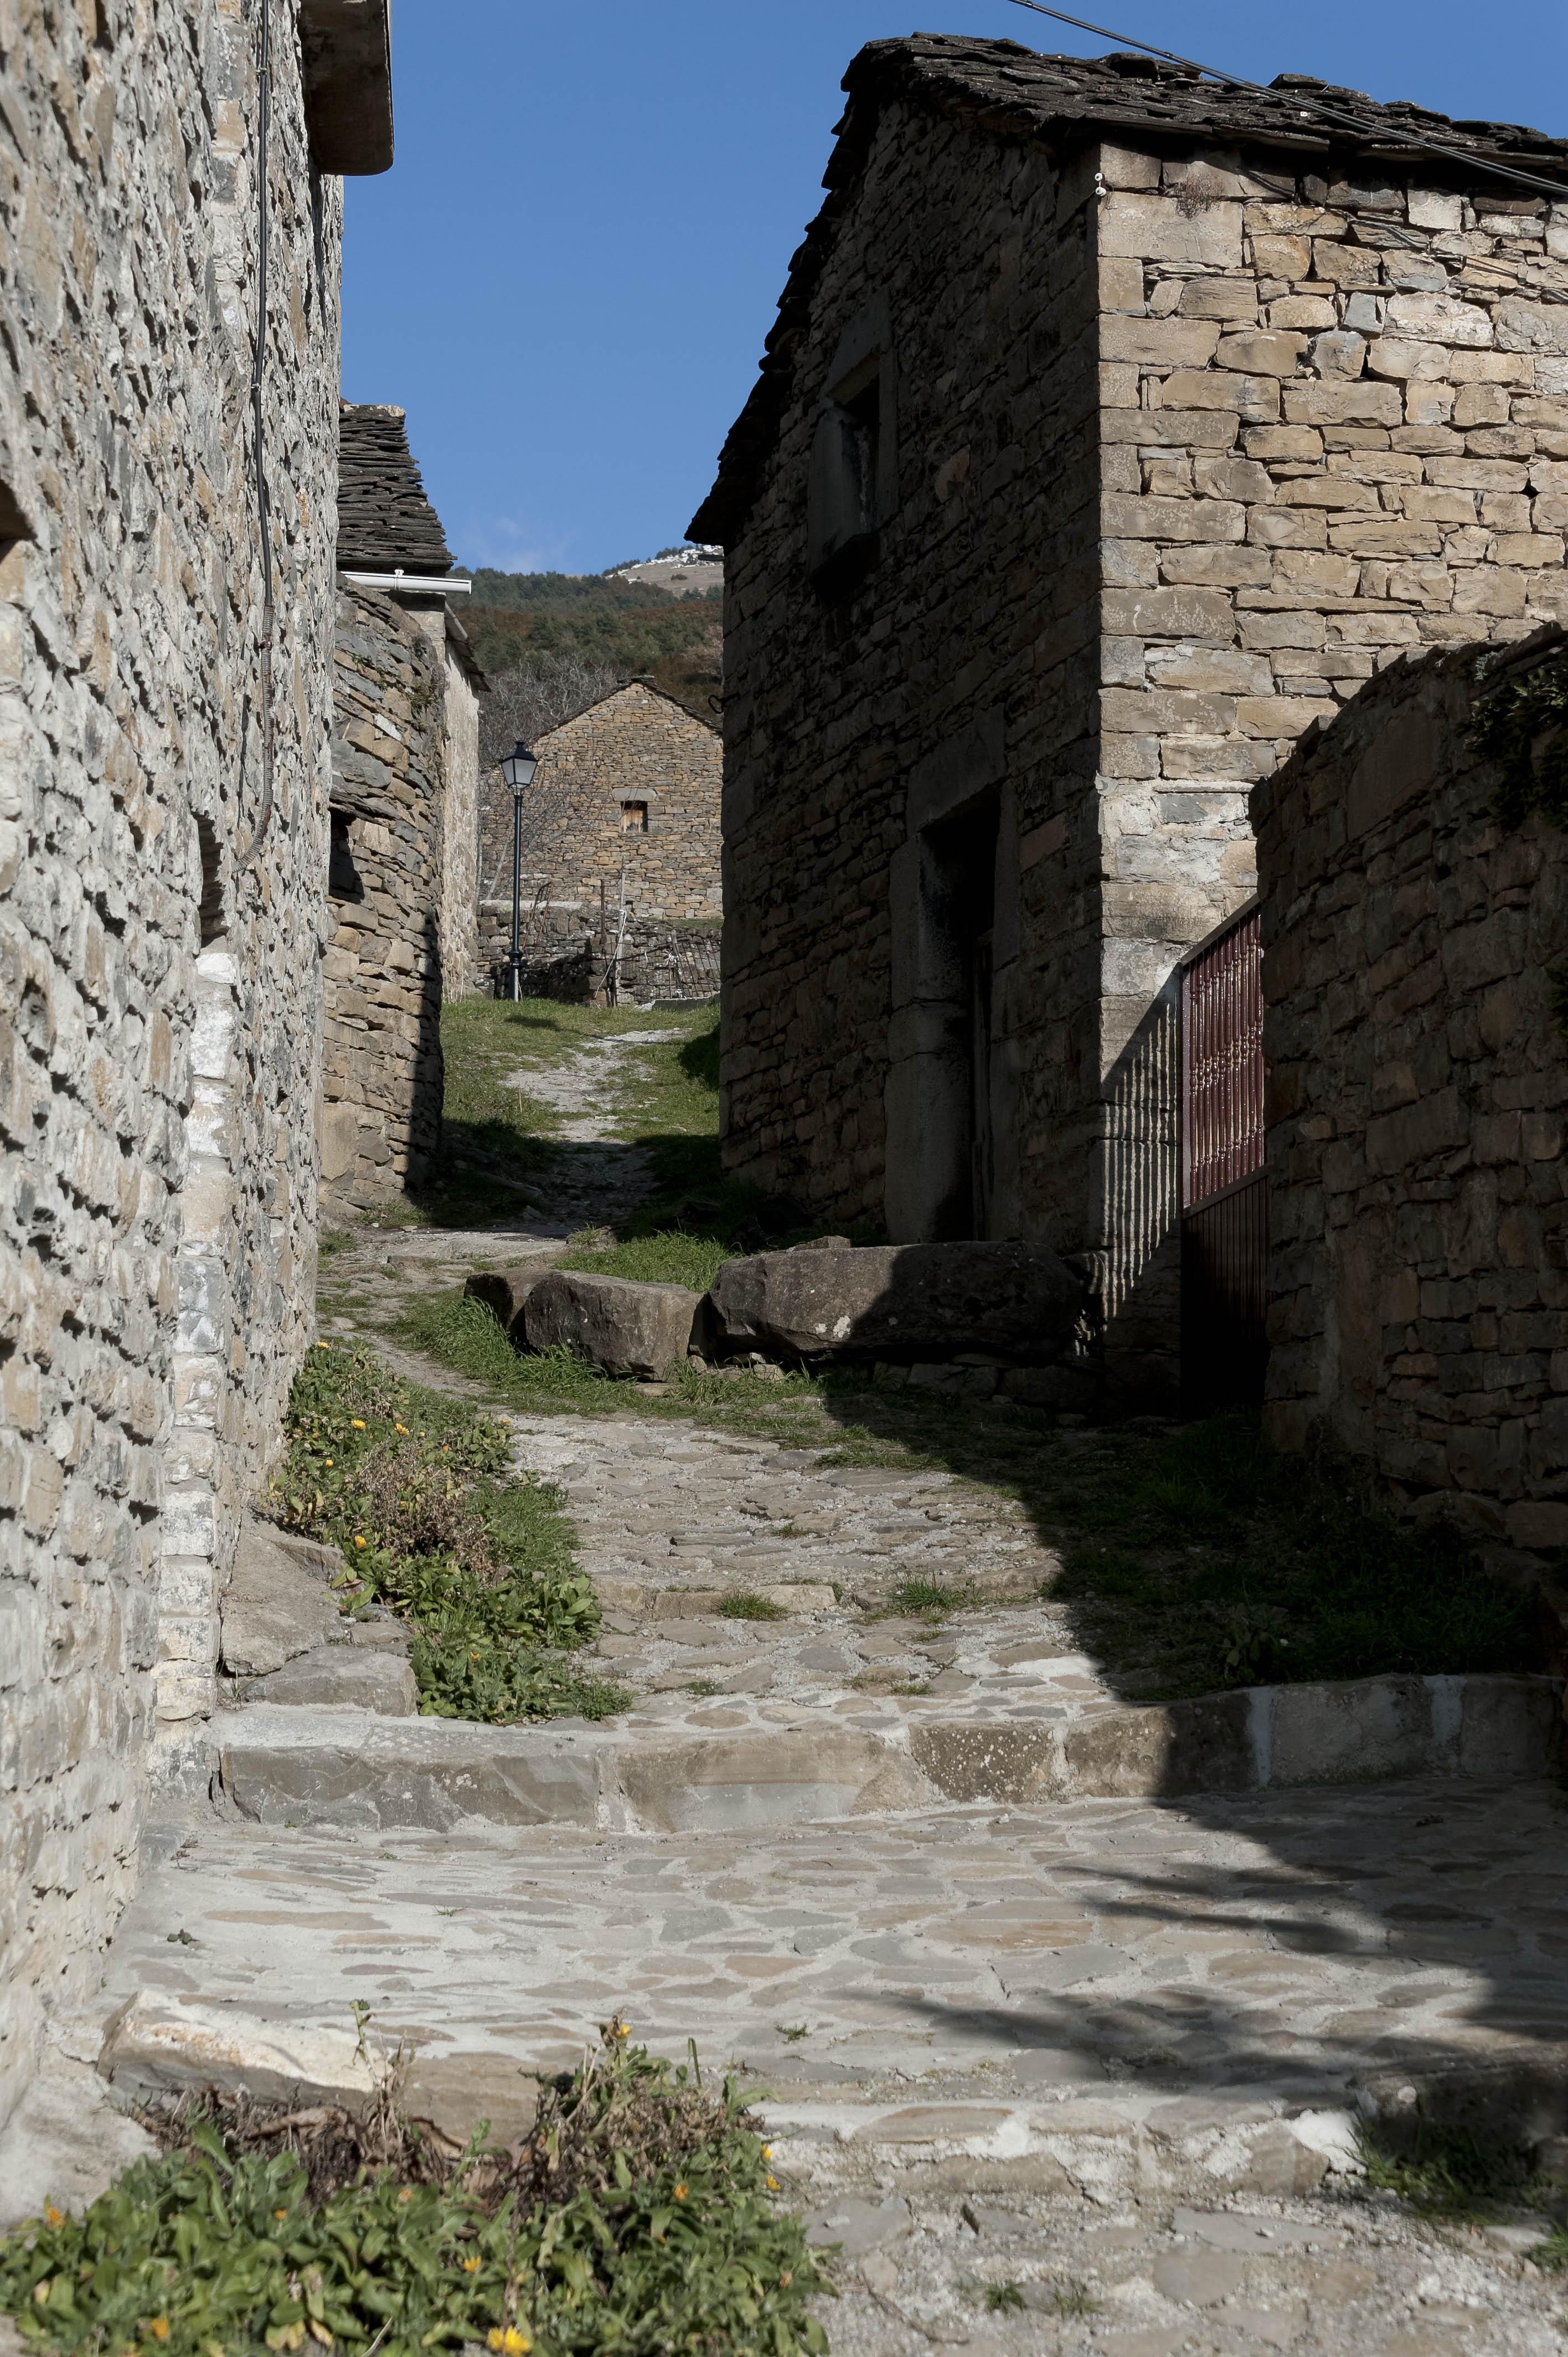 5589_Asin de Broto (Sobrarbe Aragon)